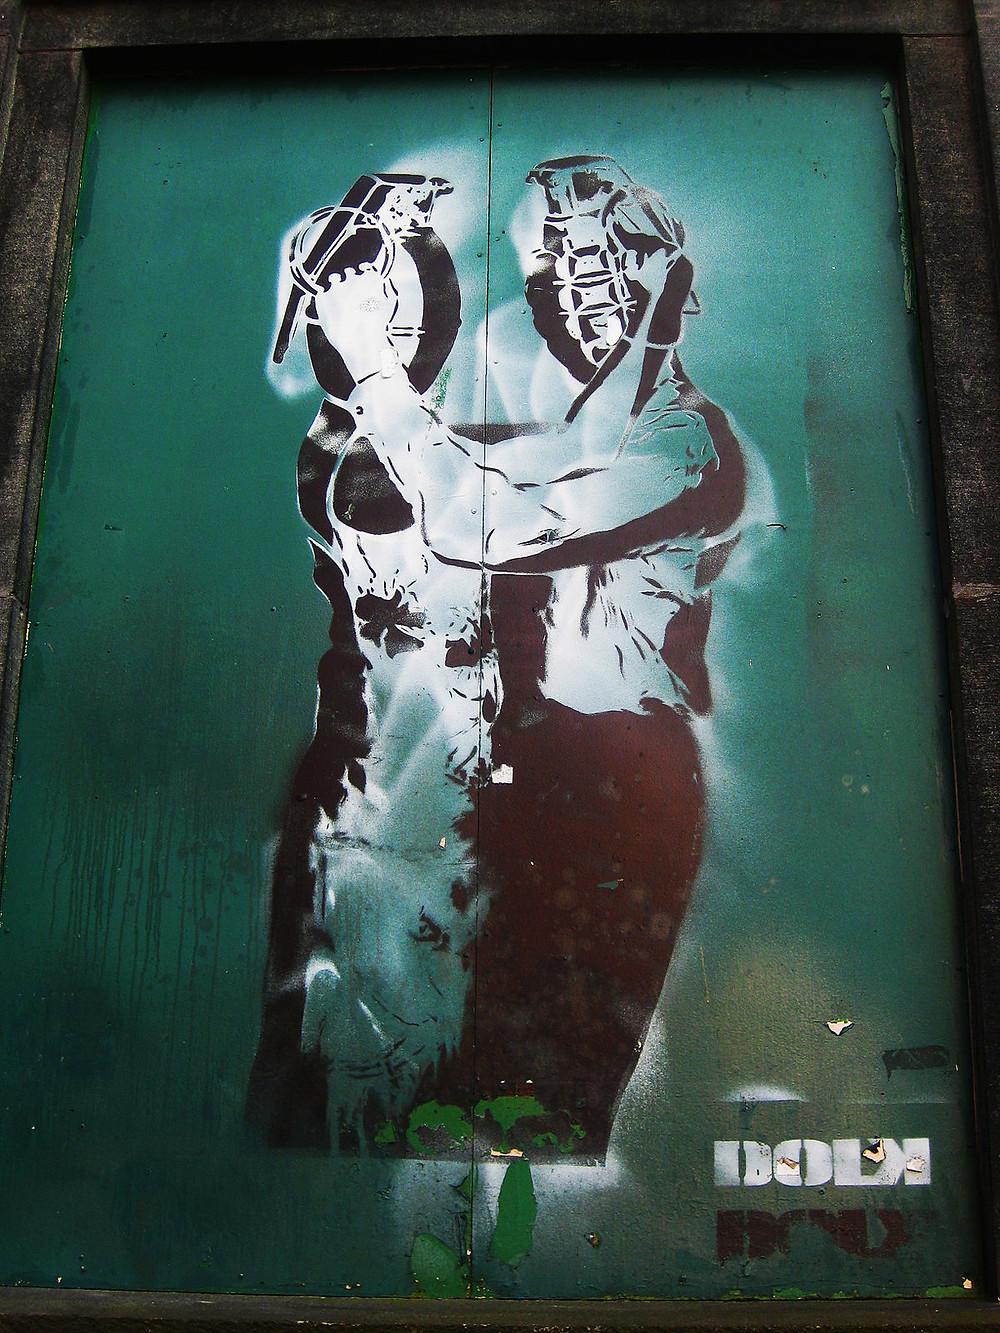 DOLK, Grenade Lovers (2007). Courtesy: Artsy